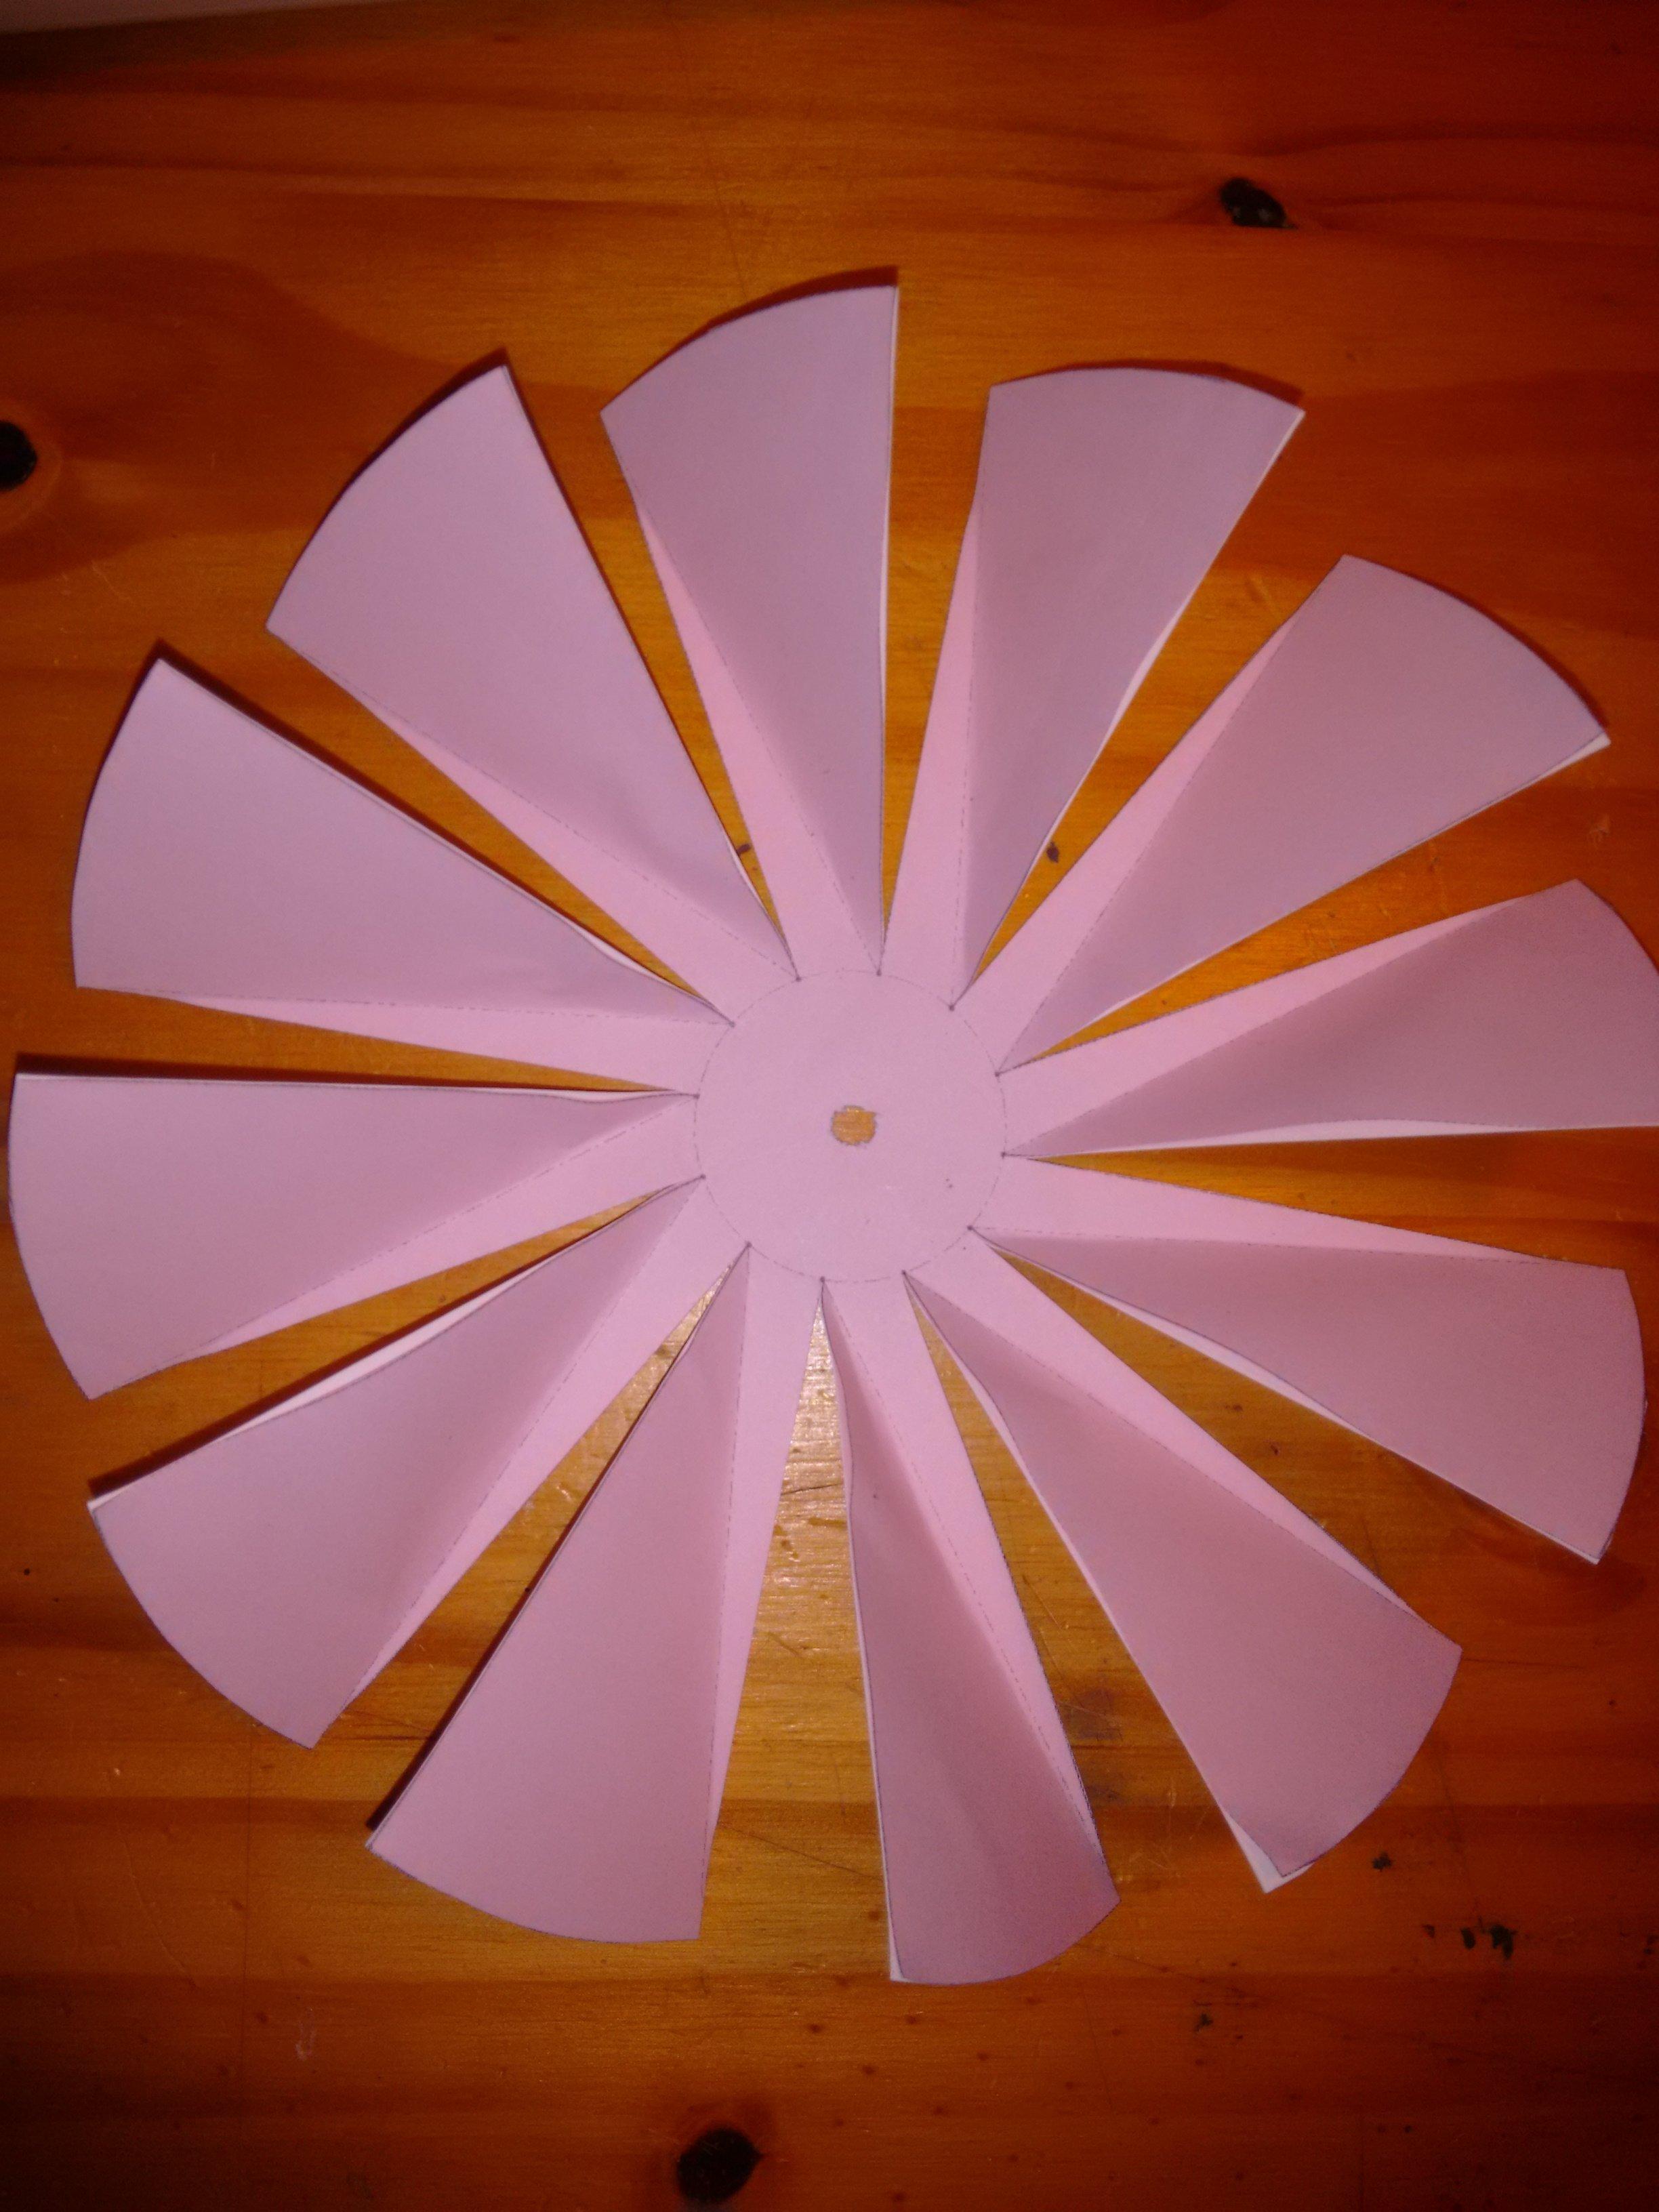 Plierhelice  2